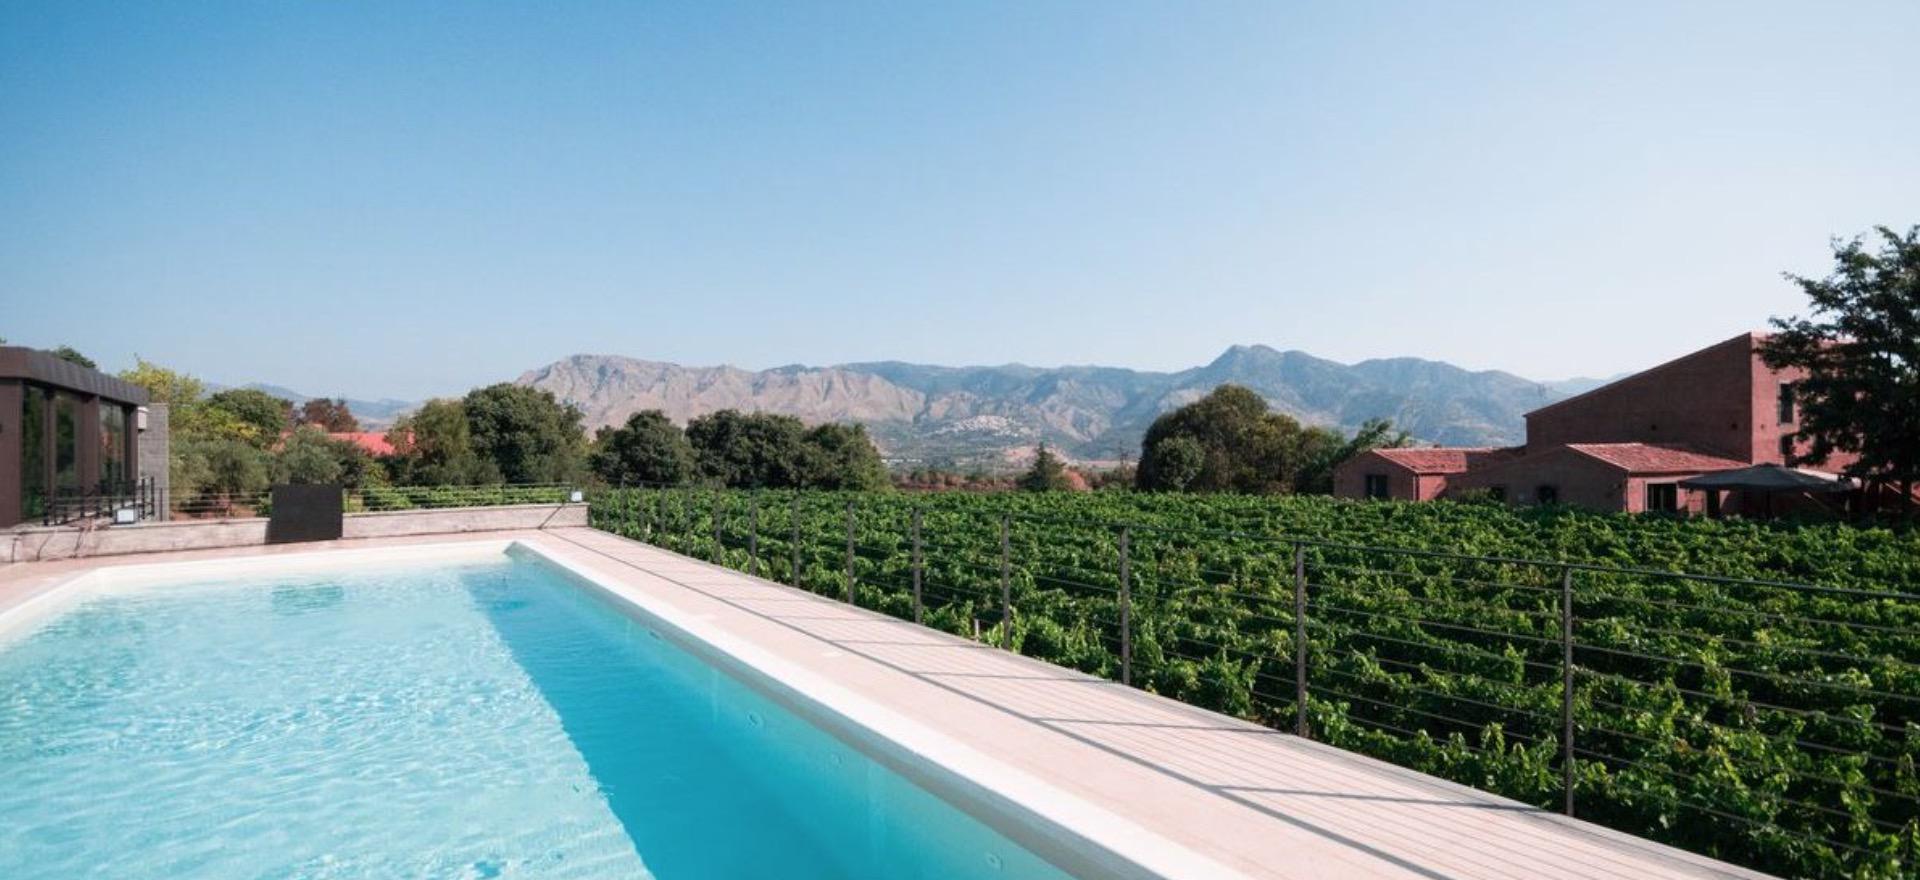 Agriturismo bij de Etna voor wijnliefhebbers